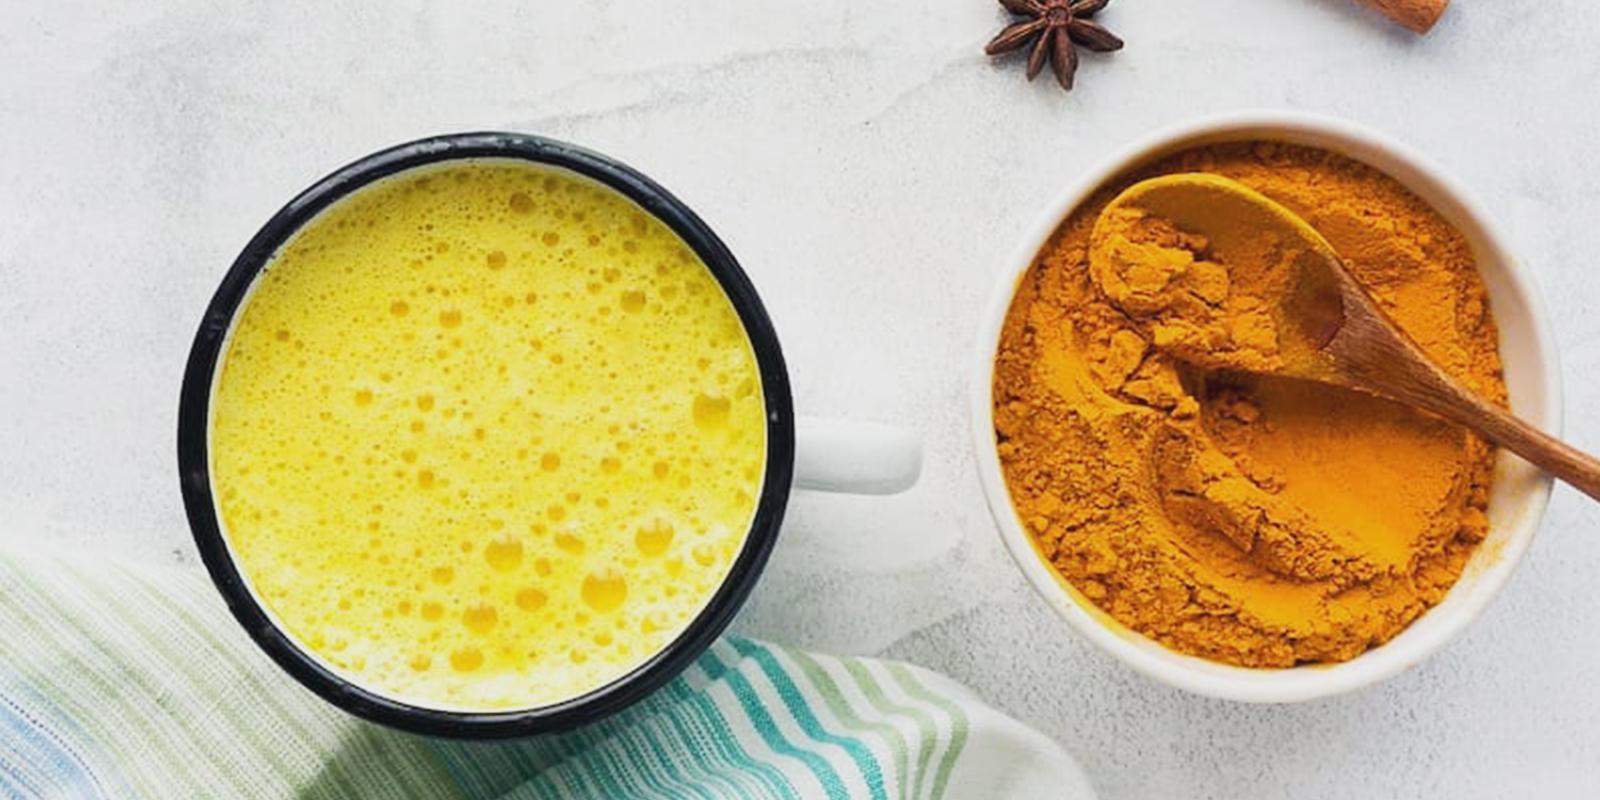 Prášek od Nupreme použitý k tvorbě jídla